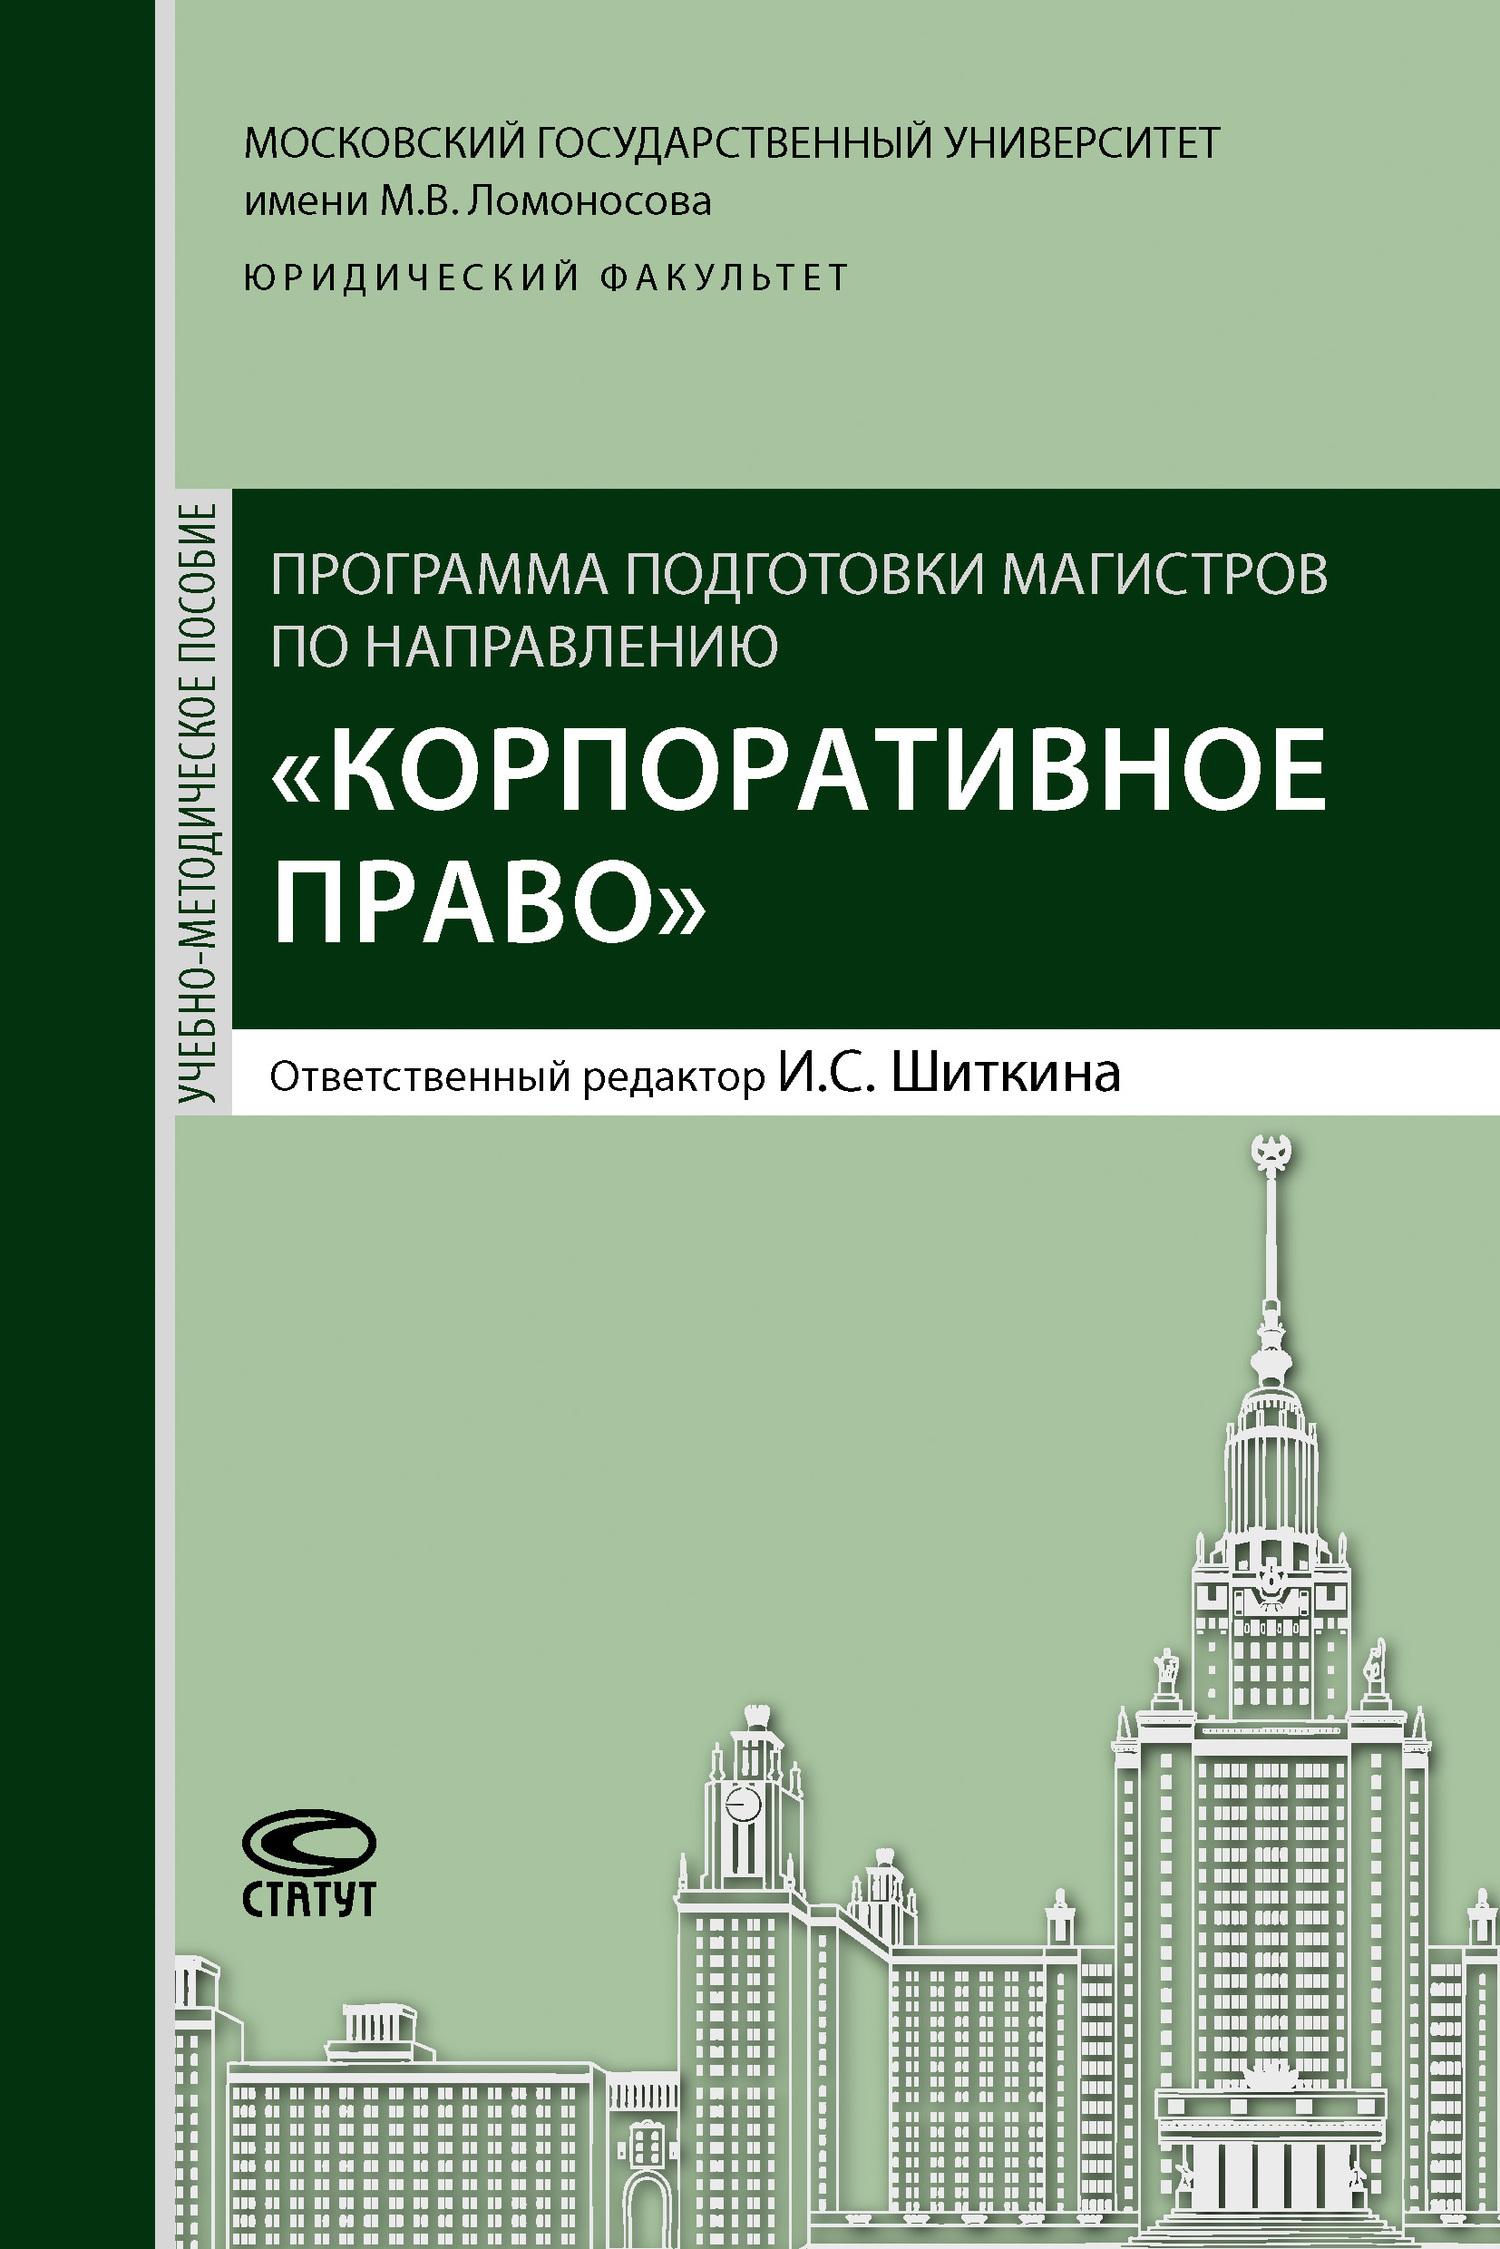 Программа подготовки магистров по направлению «Корпоративное право»